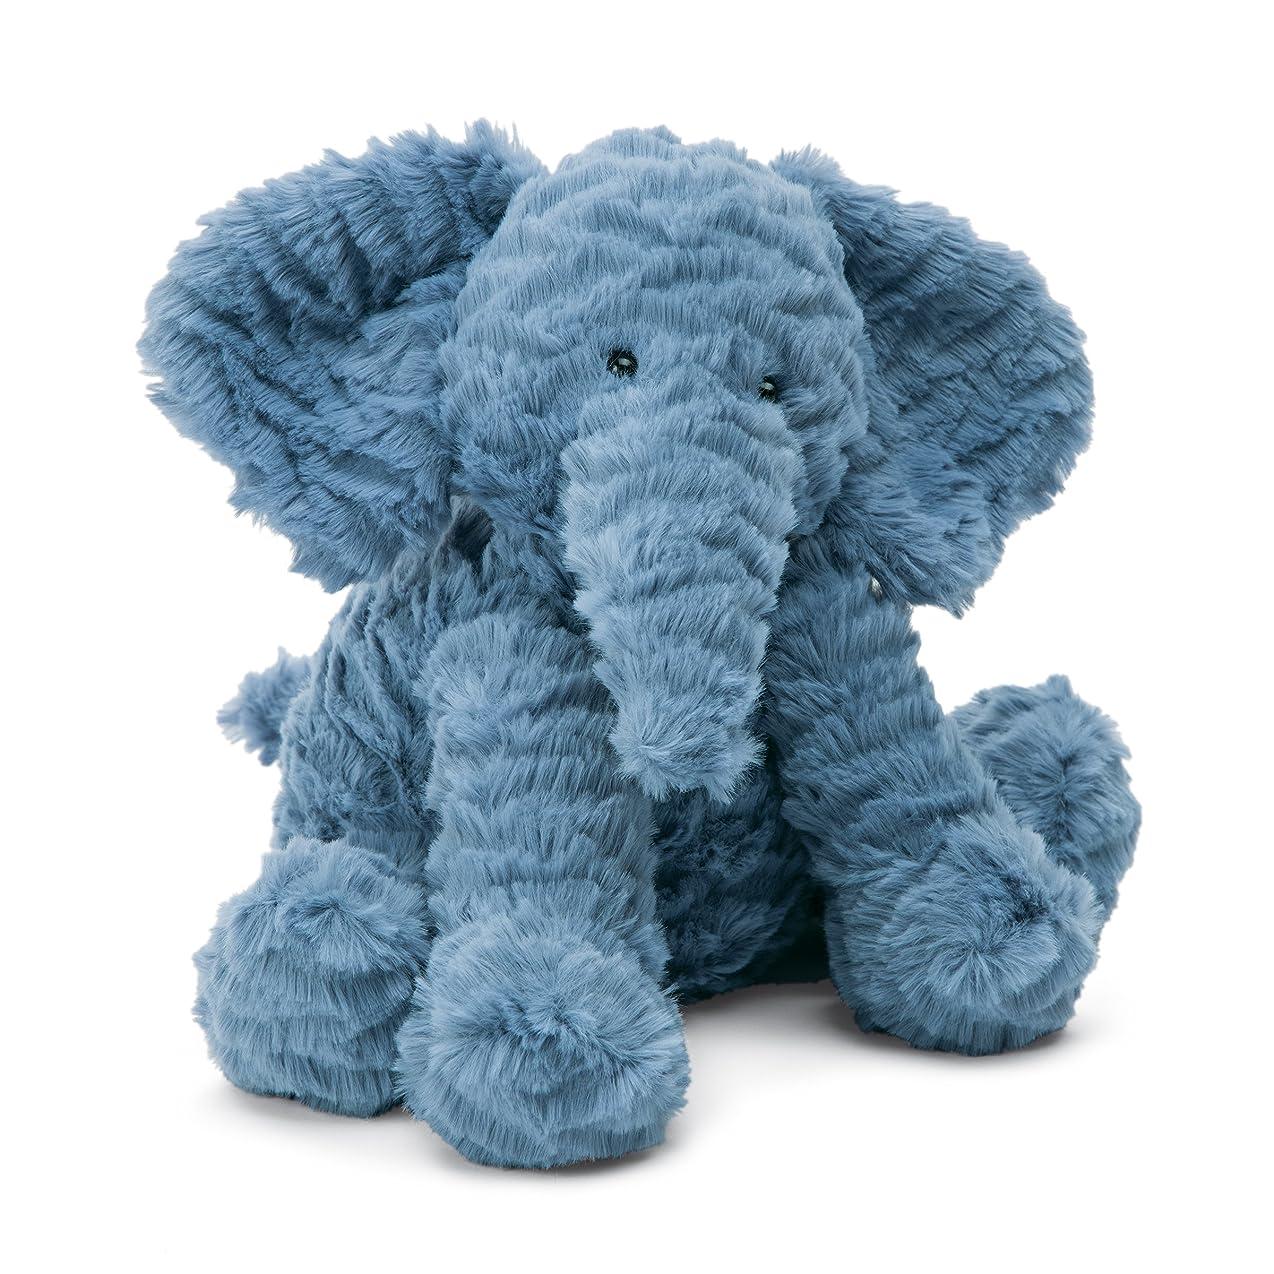 完了申込み死にかけているJellycat Fuddlewuddle 象のぬいぐるみ Mサイズ 9インチ